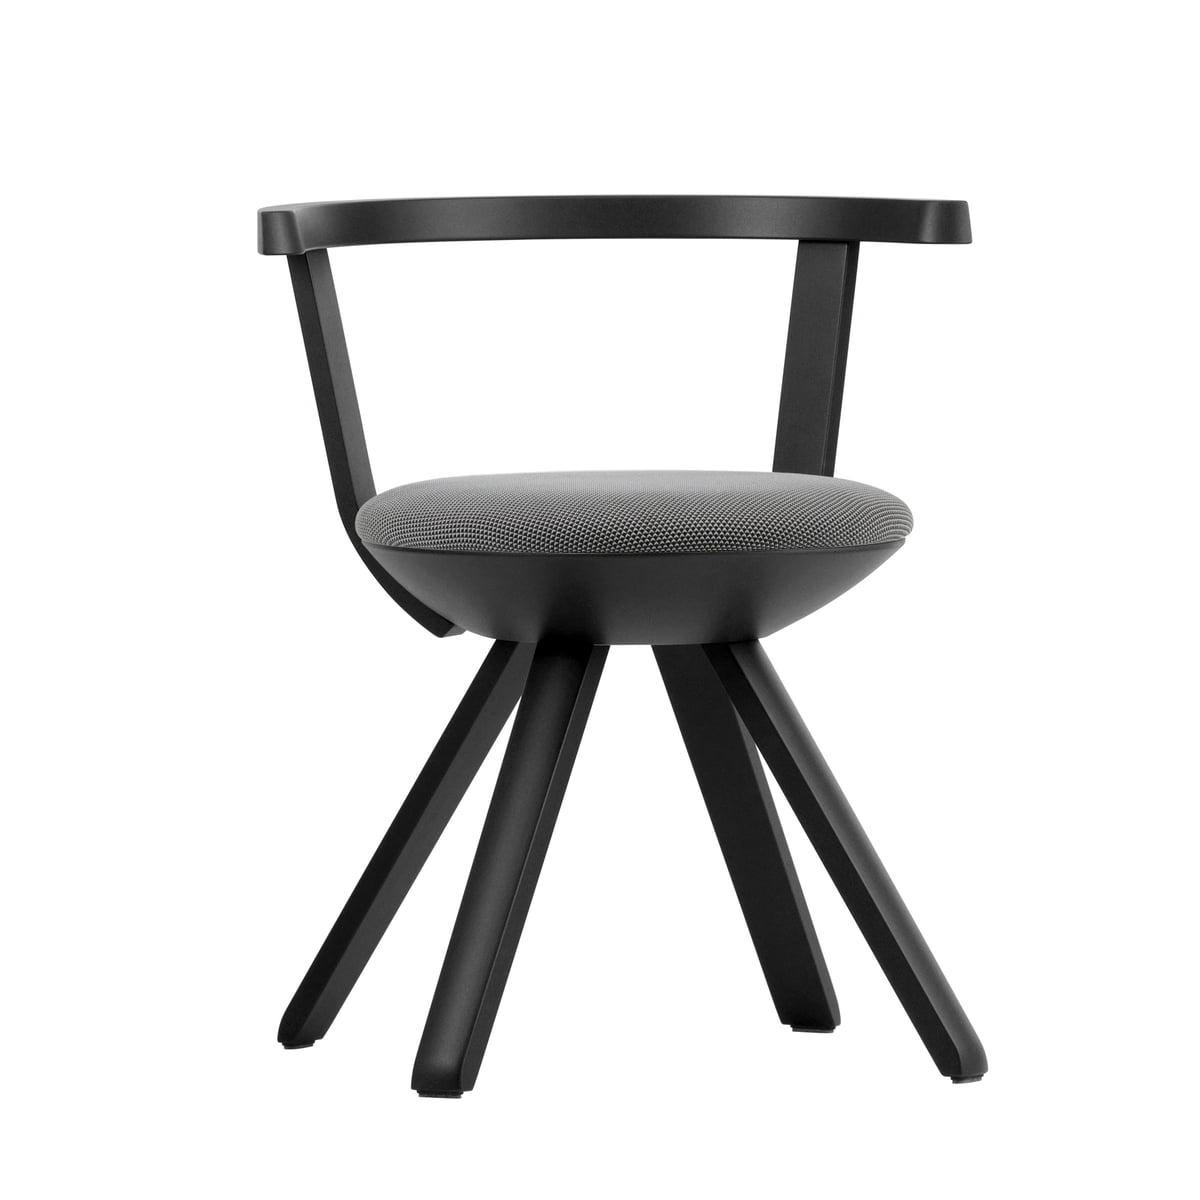 Schreibtischstuhl schwarz weiß  Rival Stuhl von Artek im Wohndesign-Shop